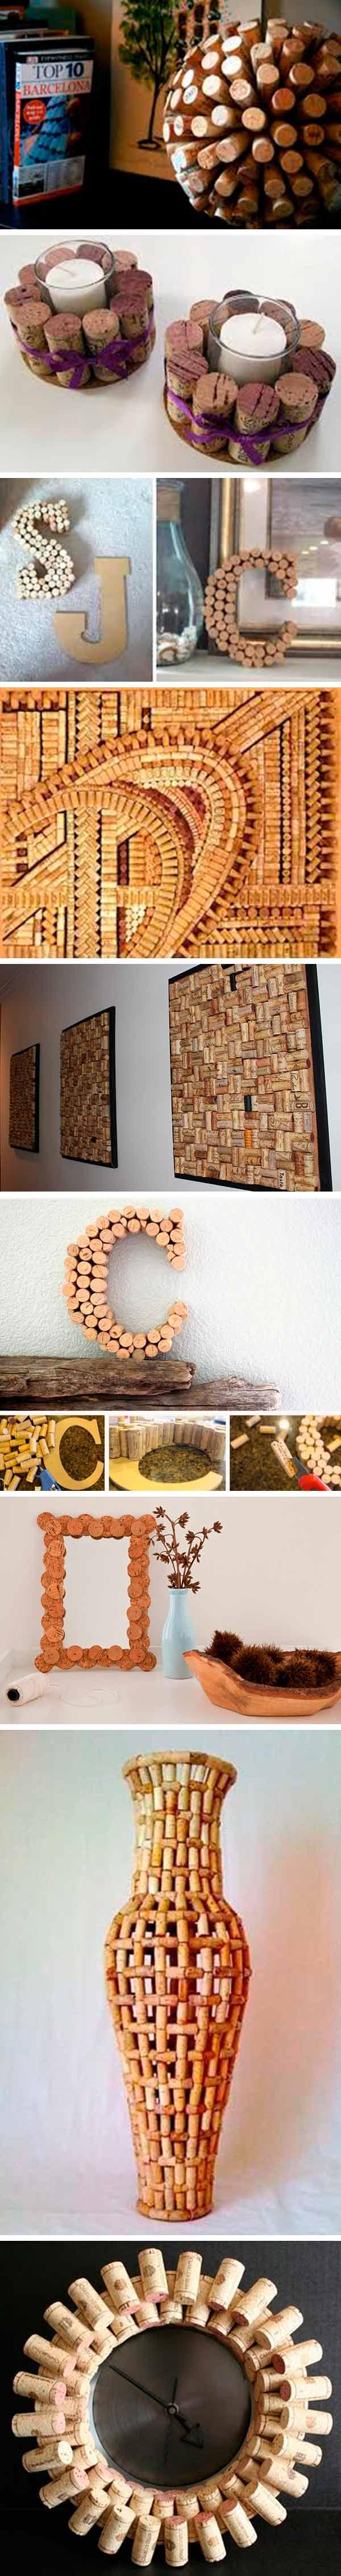 reciclar tapones de corcho - decoracion 3